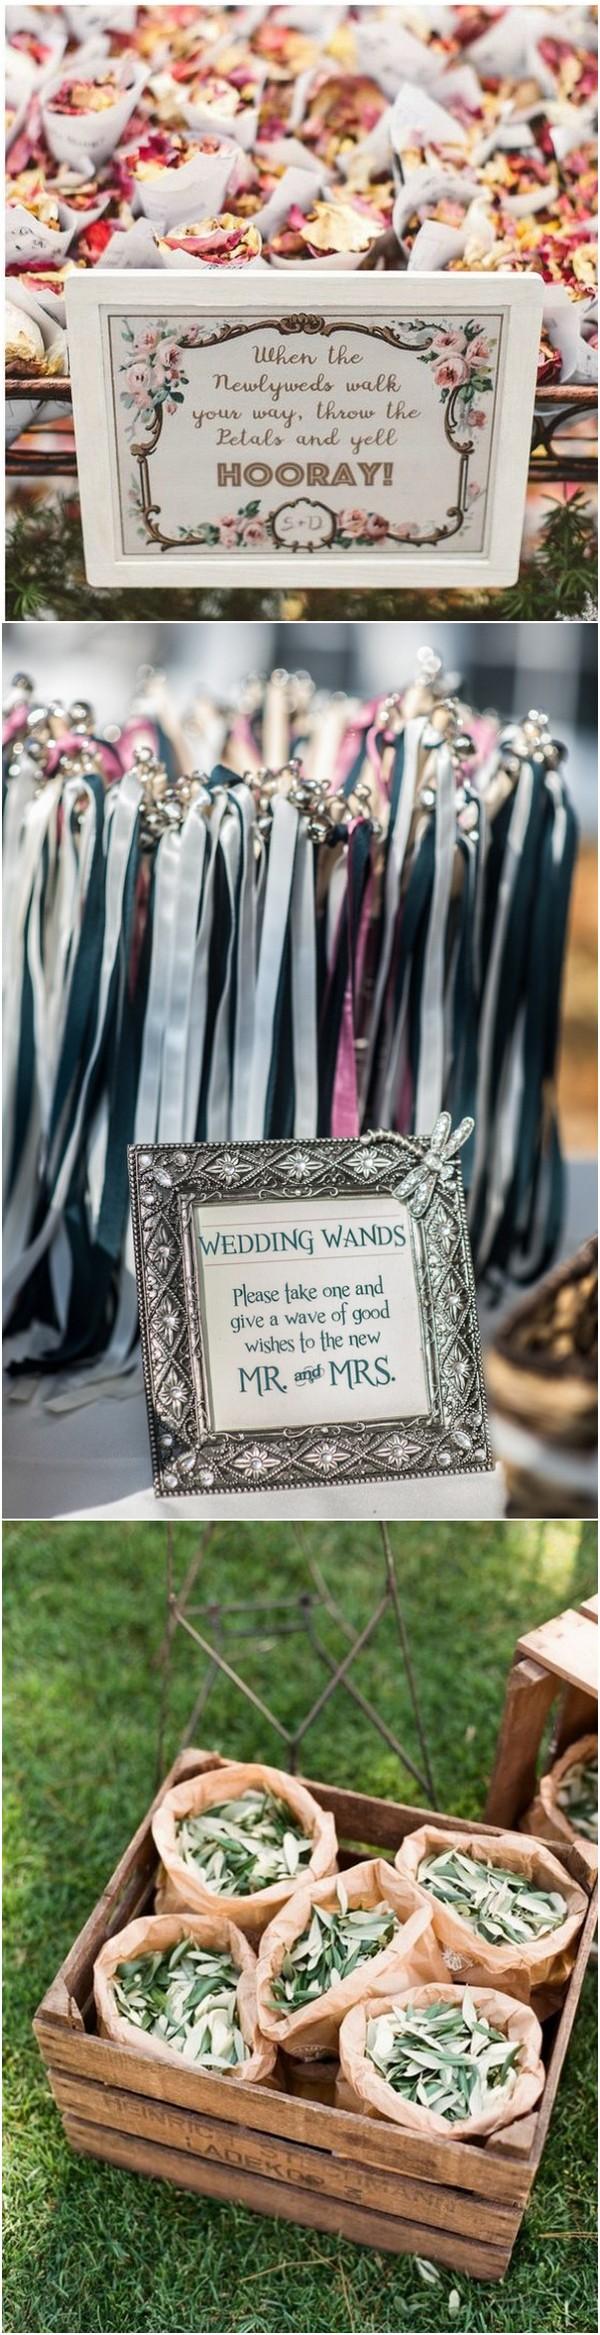 wedding exit send off ideas Wedding exits, Wedding wands